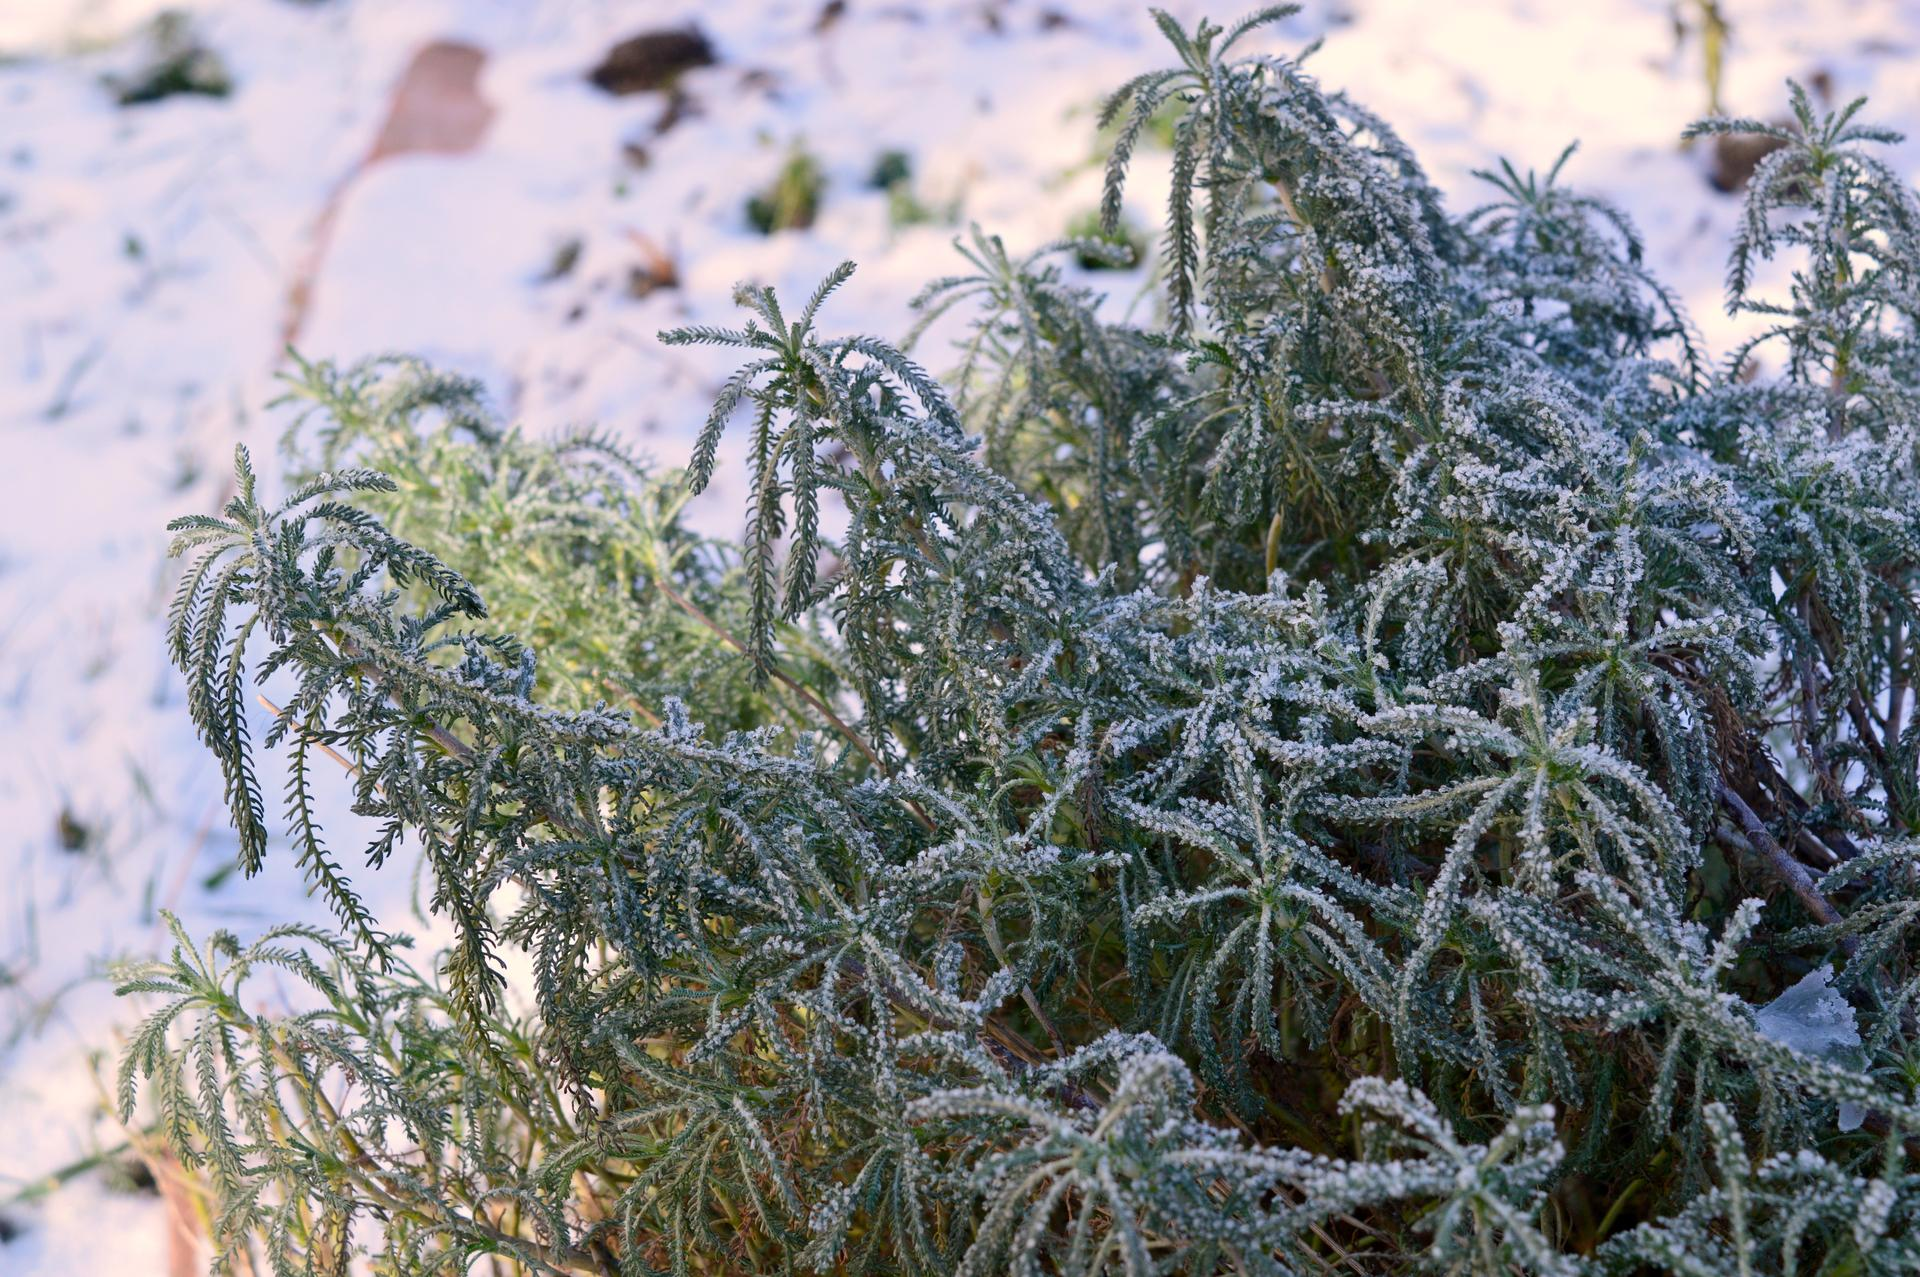 Naša prírodná perma záhradka v roku 2020 - santolína rozmarínolistá